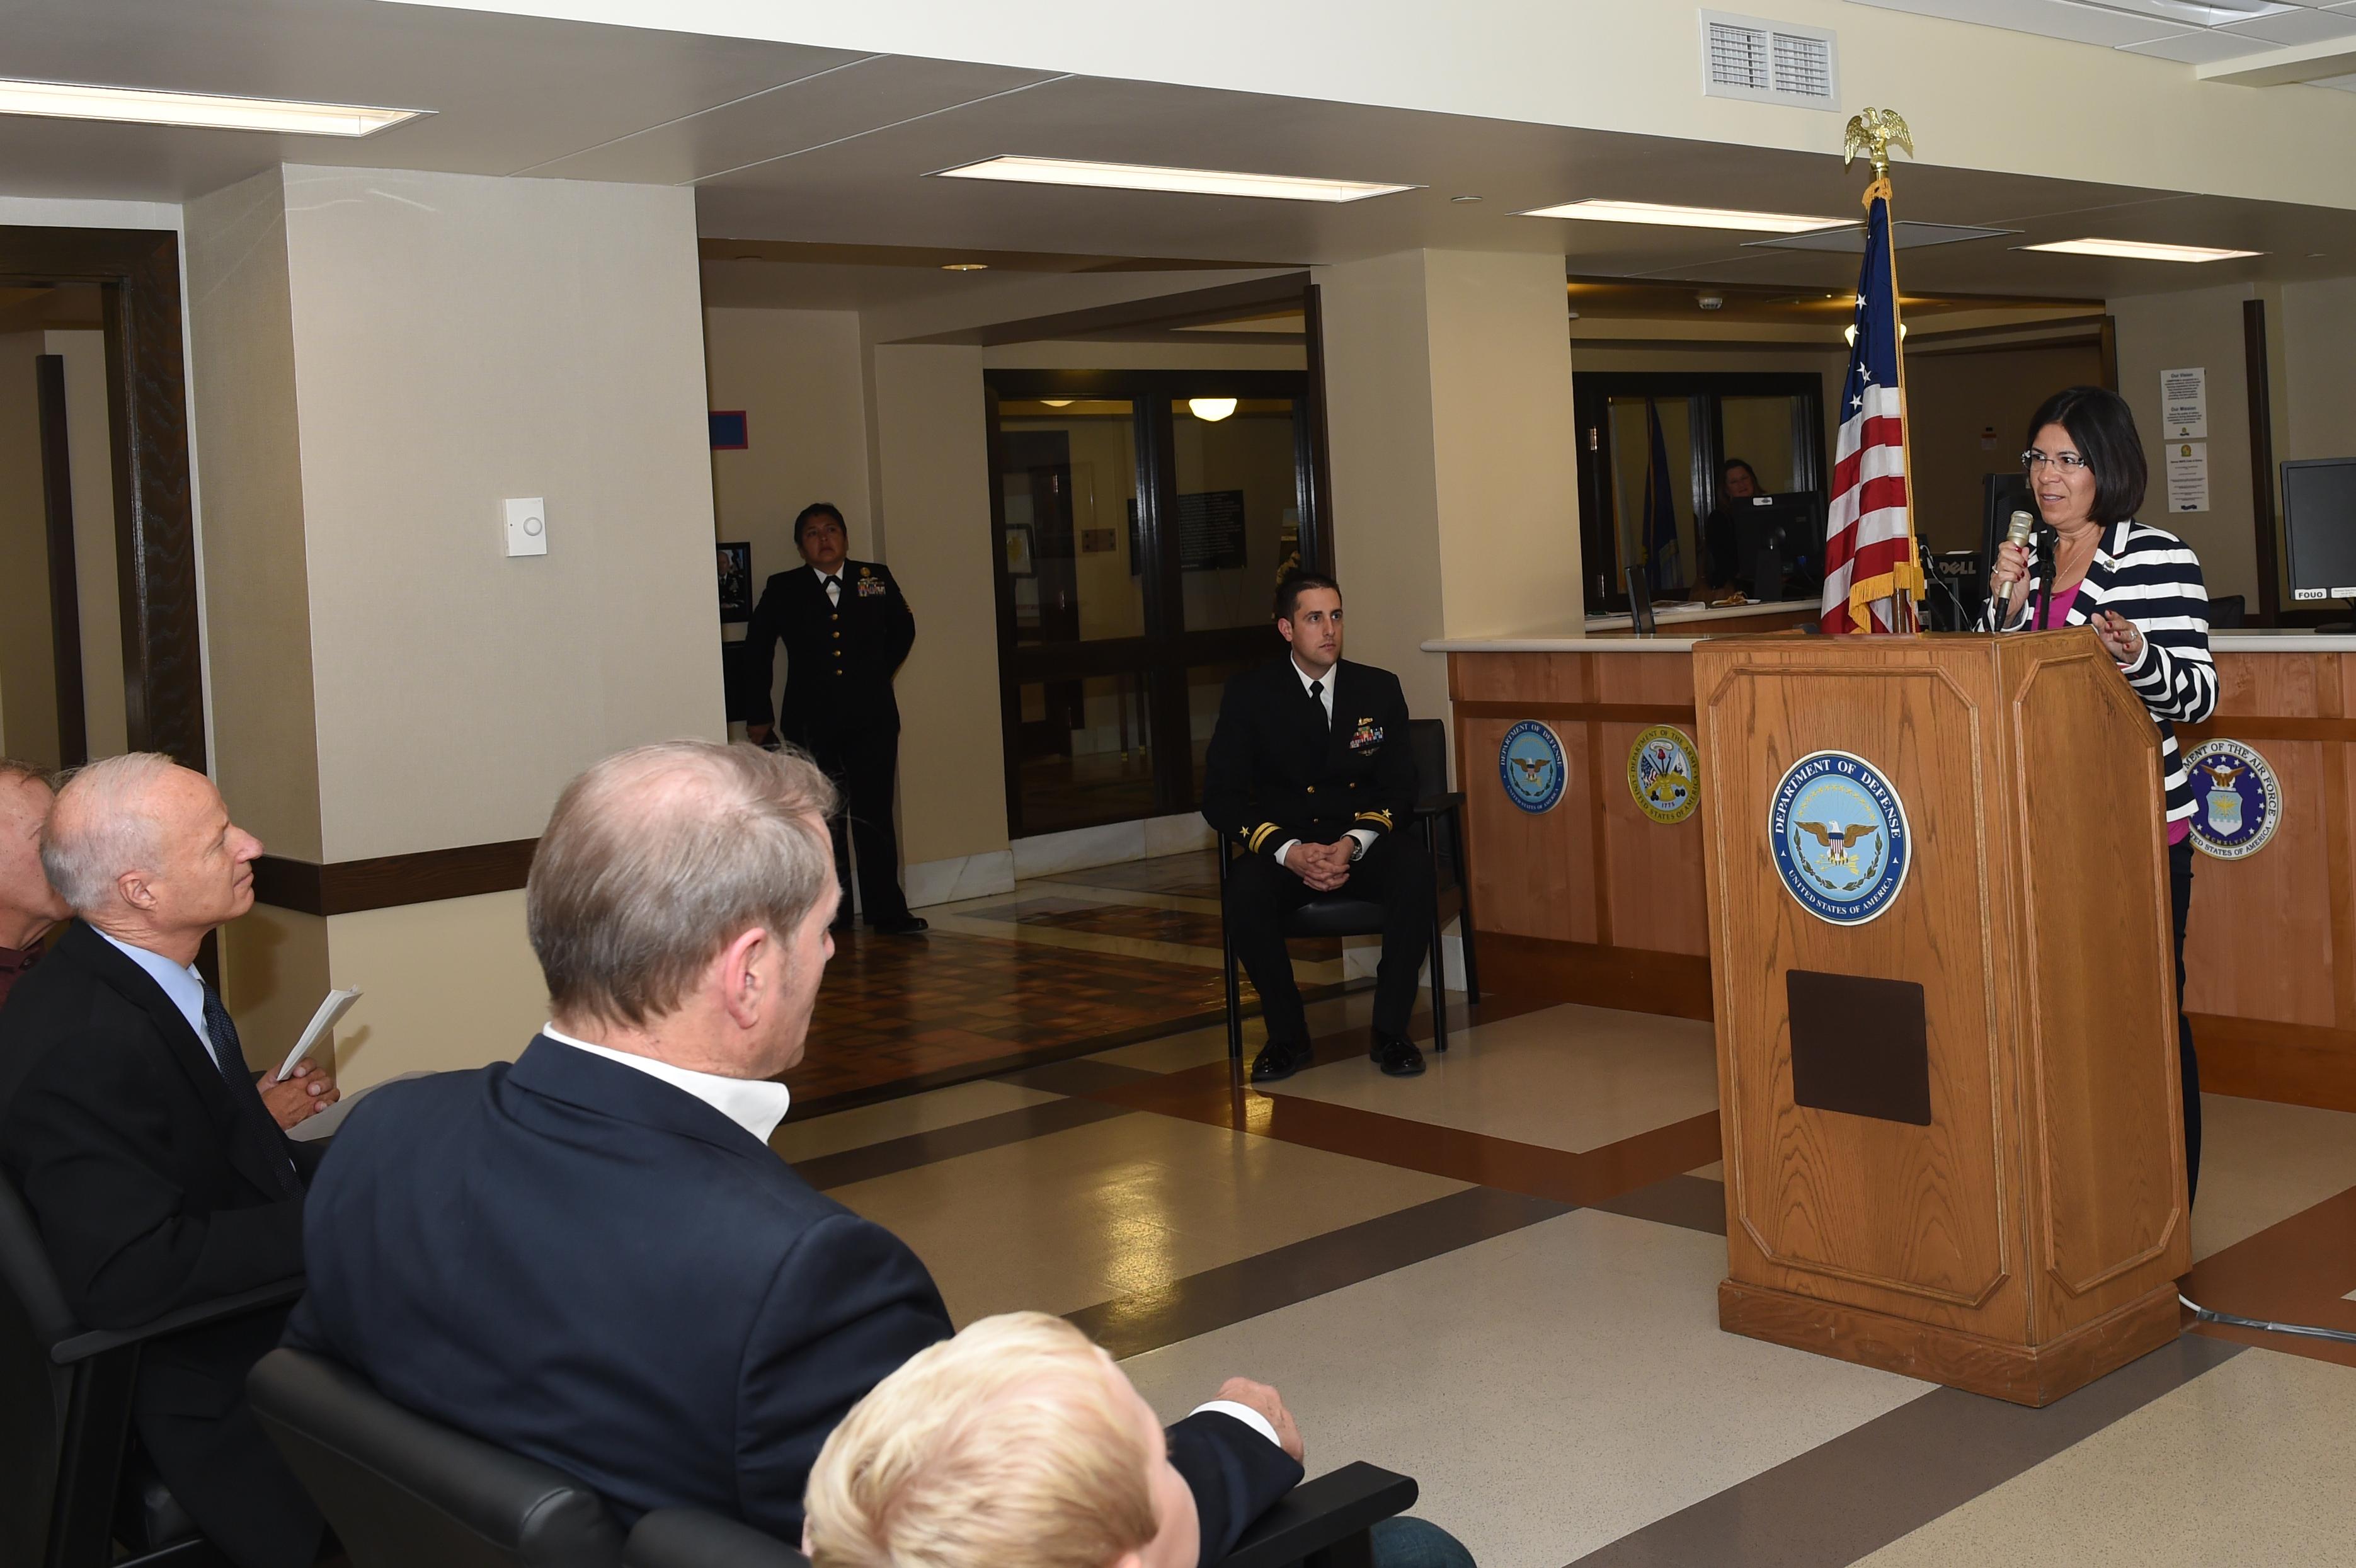 Denver MEPS rededicates ceremony room to 'Lone Survivor' SEAL